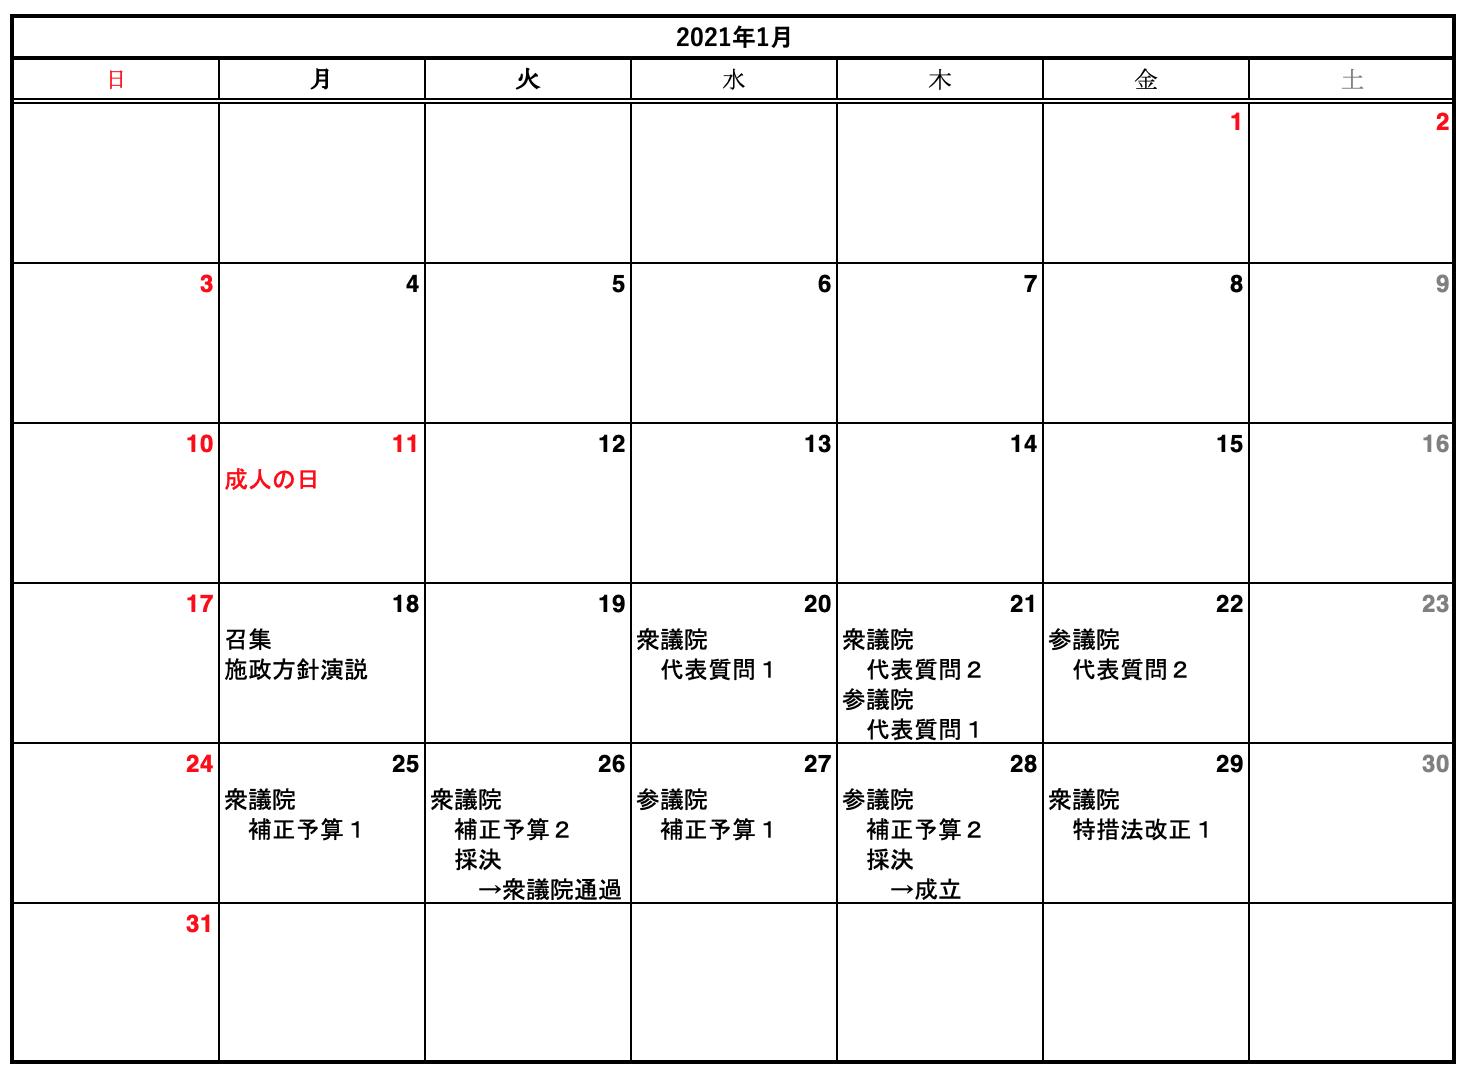 2021通常国会1月の実績と予想